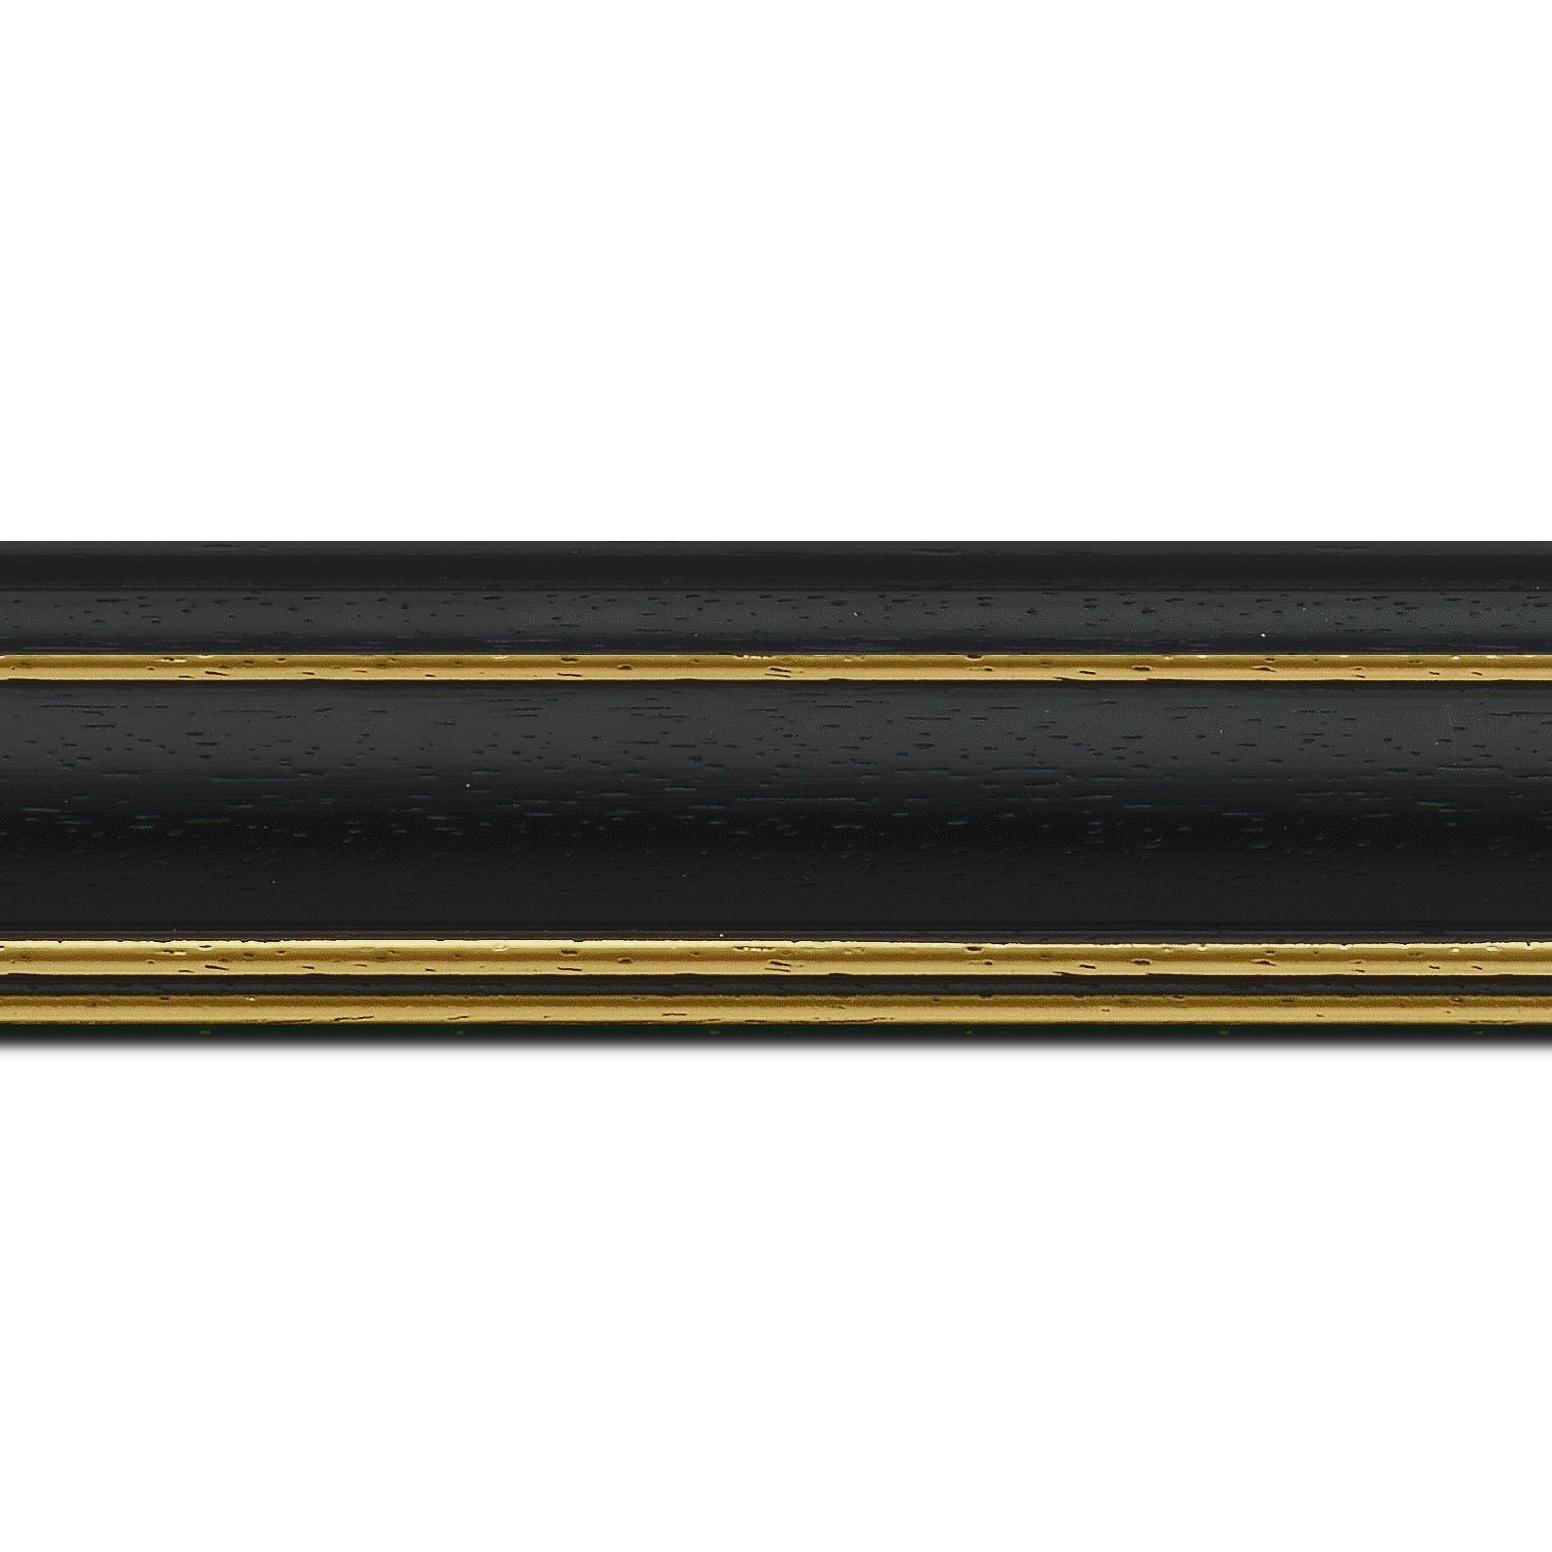 Baguette longueur 1.40m bois profil bombé largeur 5cm couleur noir satiné filet or